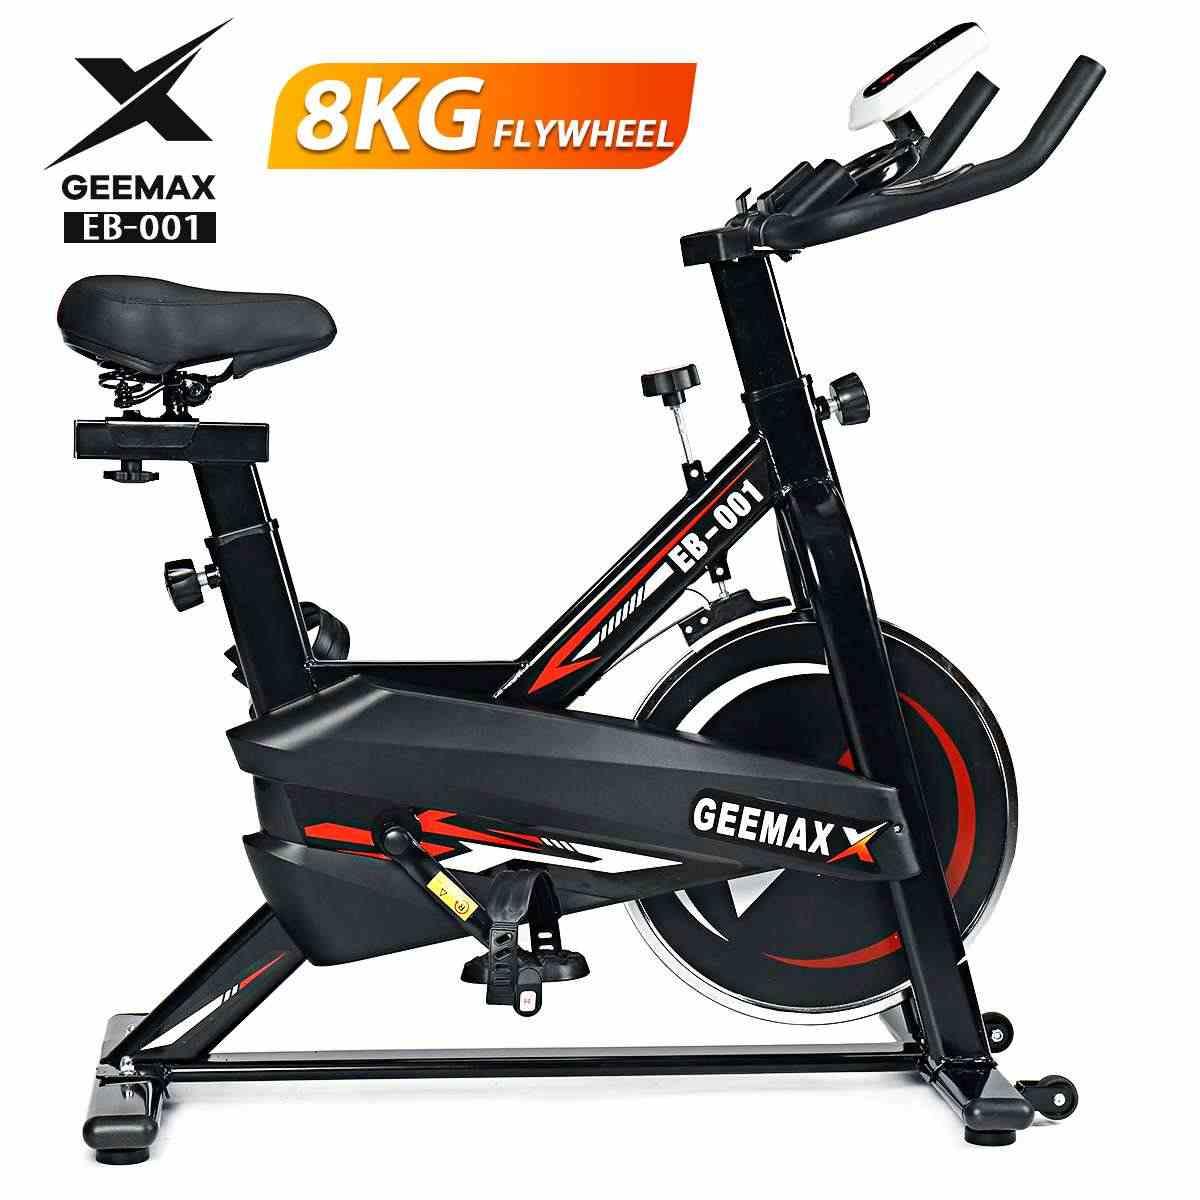 Geemax Velo D Exercice Cardio Cyclisme Maison Muet Interieur Cyclisme Perte De Poids Gymnastique Entrainement Velo Fitness Equipement Royaume Uni Expedition Rapide Aliexpress